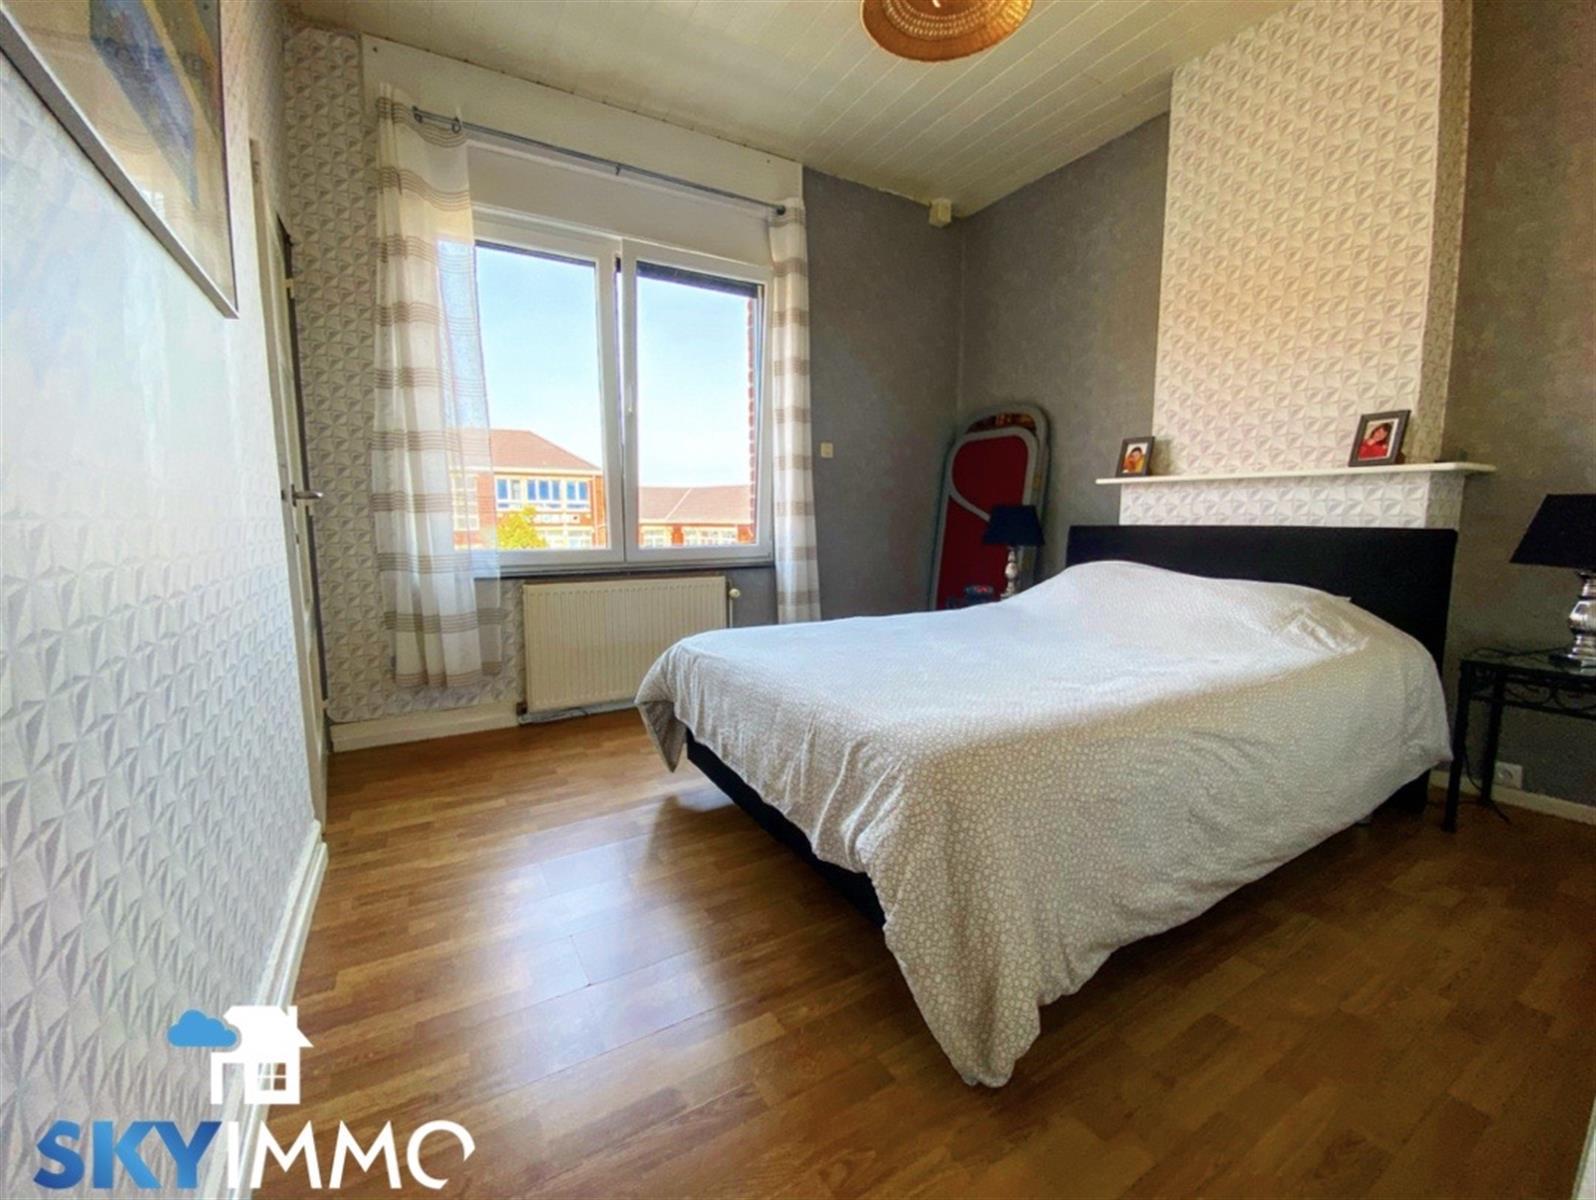 Maison - Liege - #4147640-24